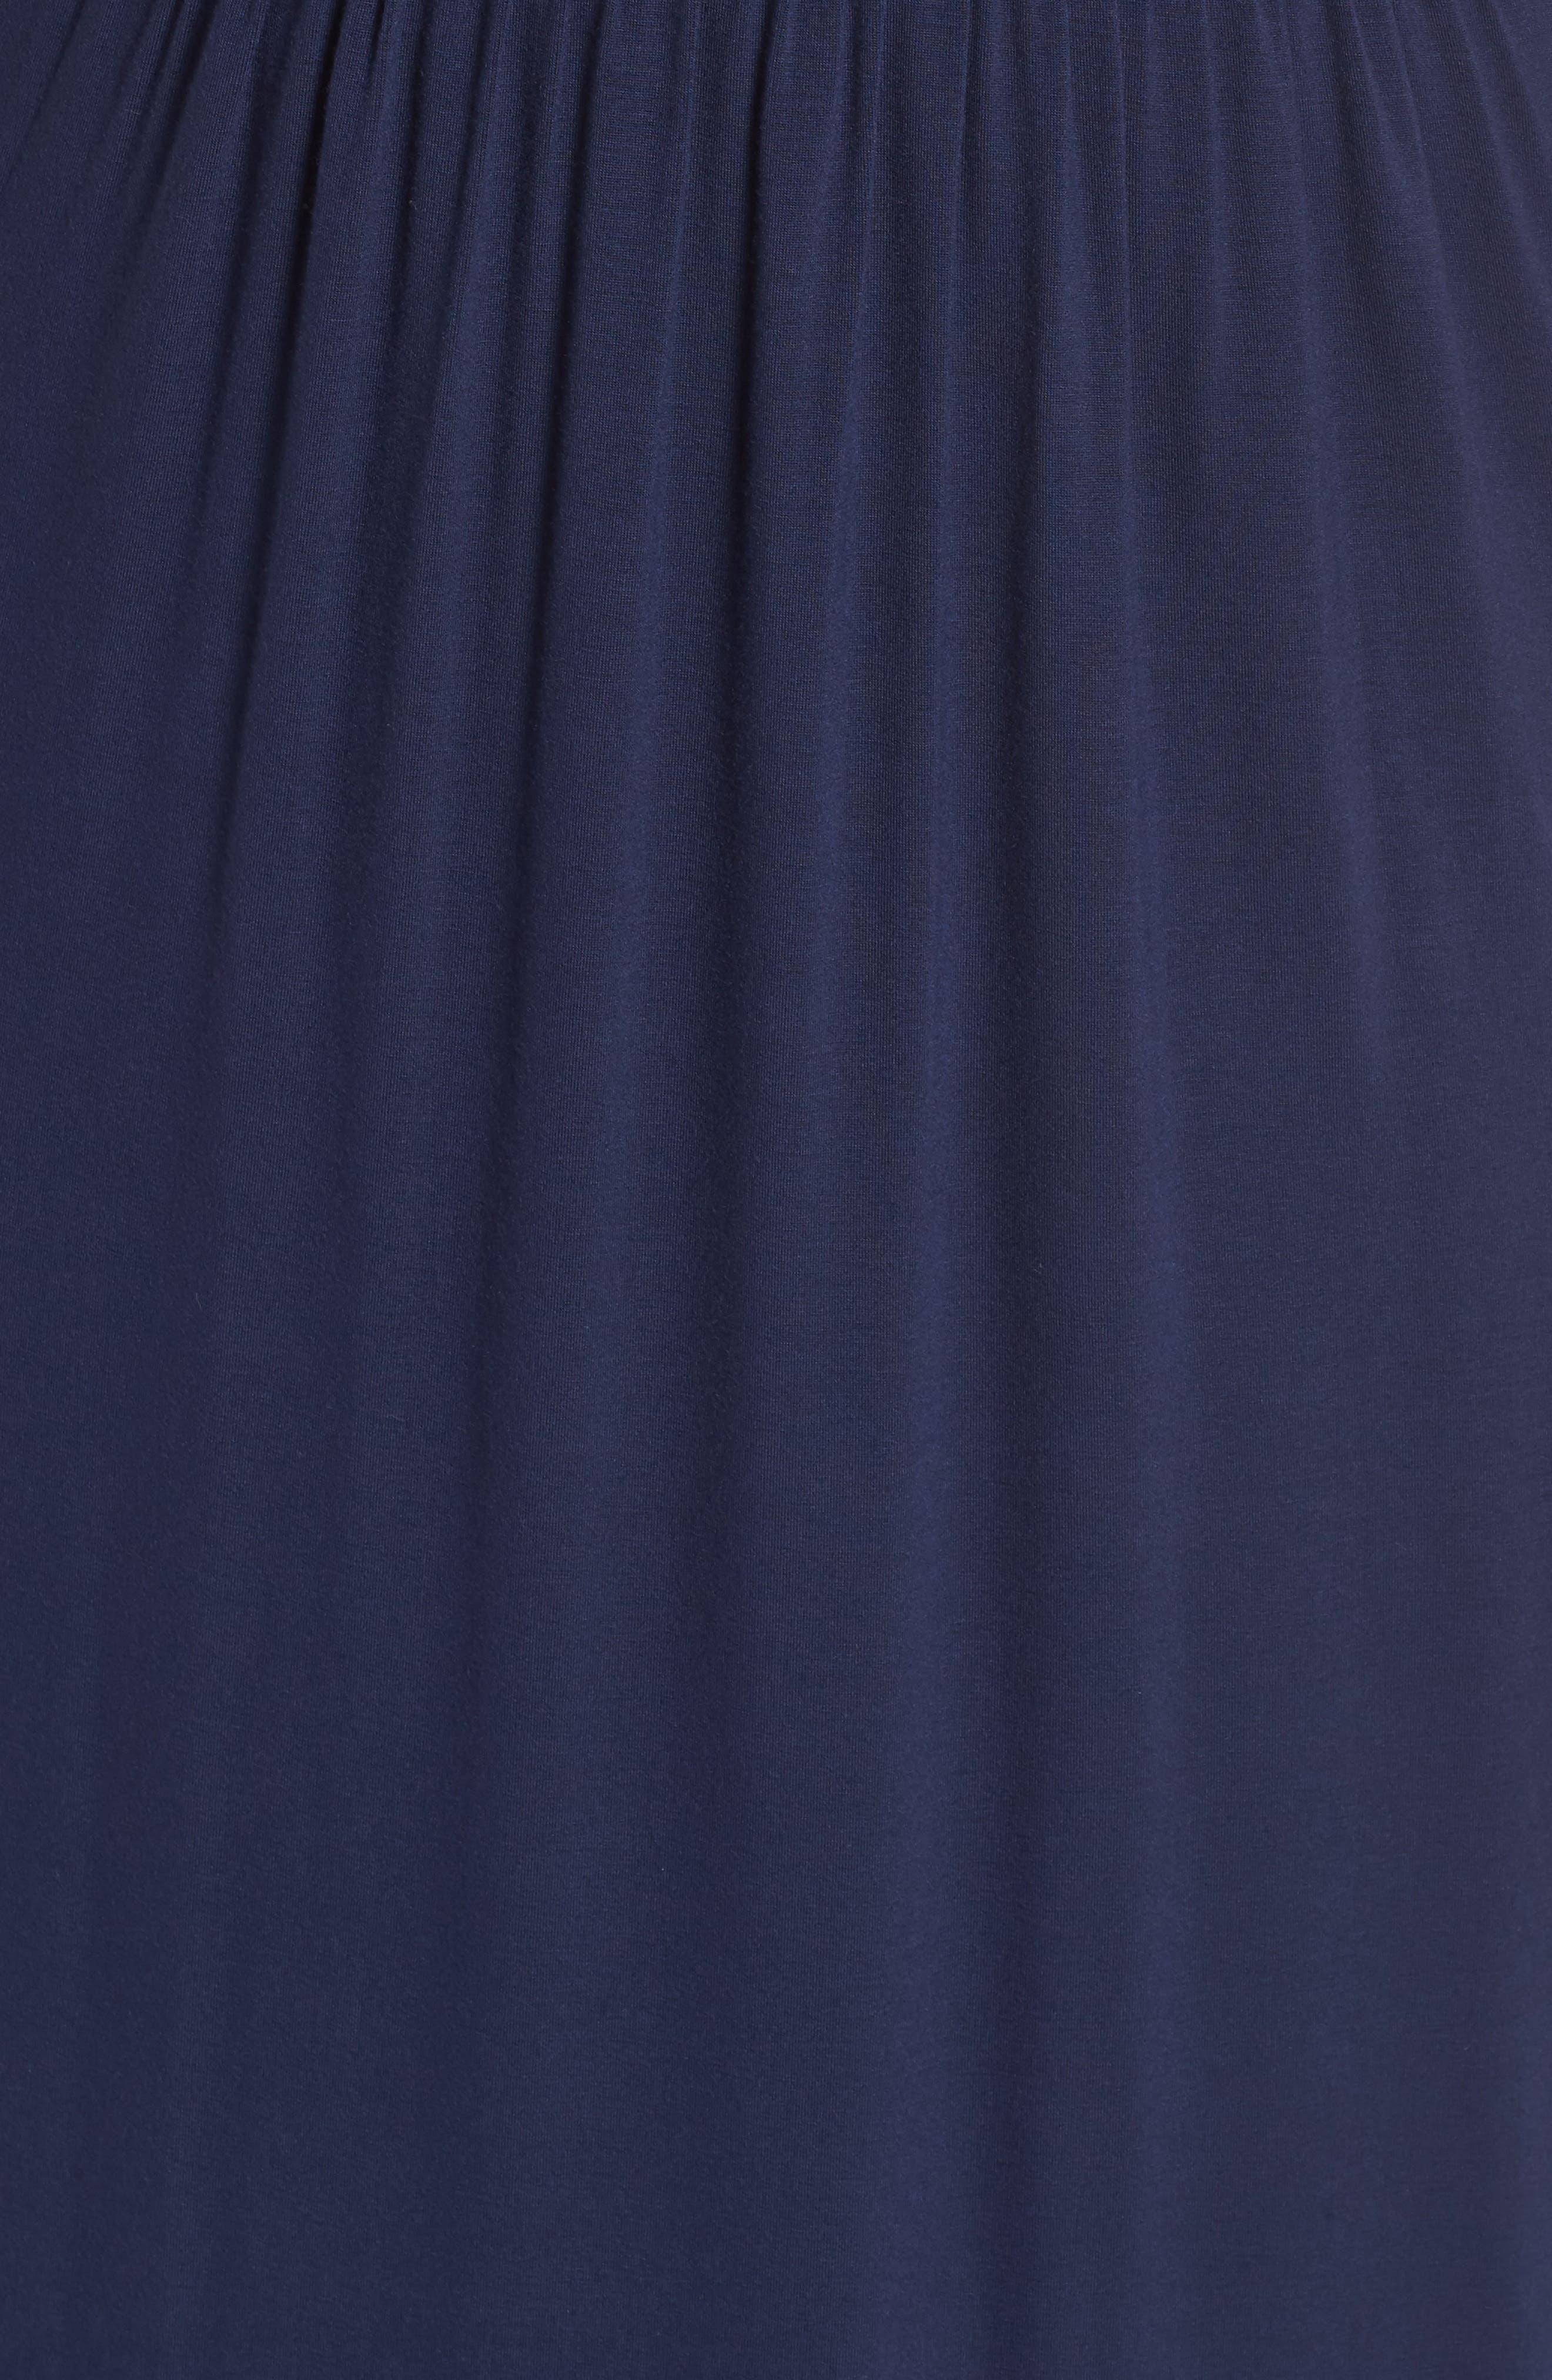 Knit Maxi Dress,                             Alternate thumbnail 20, color,